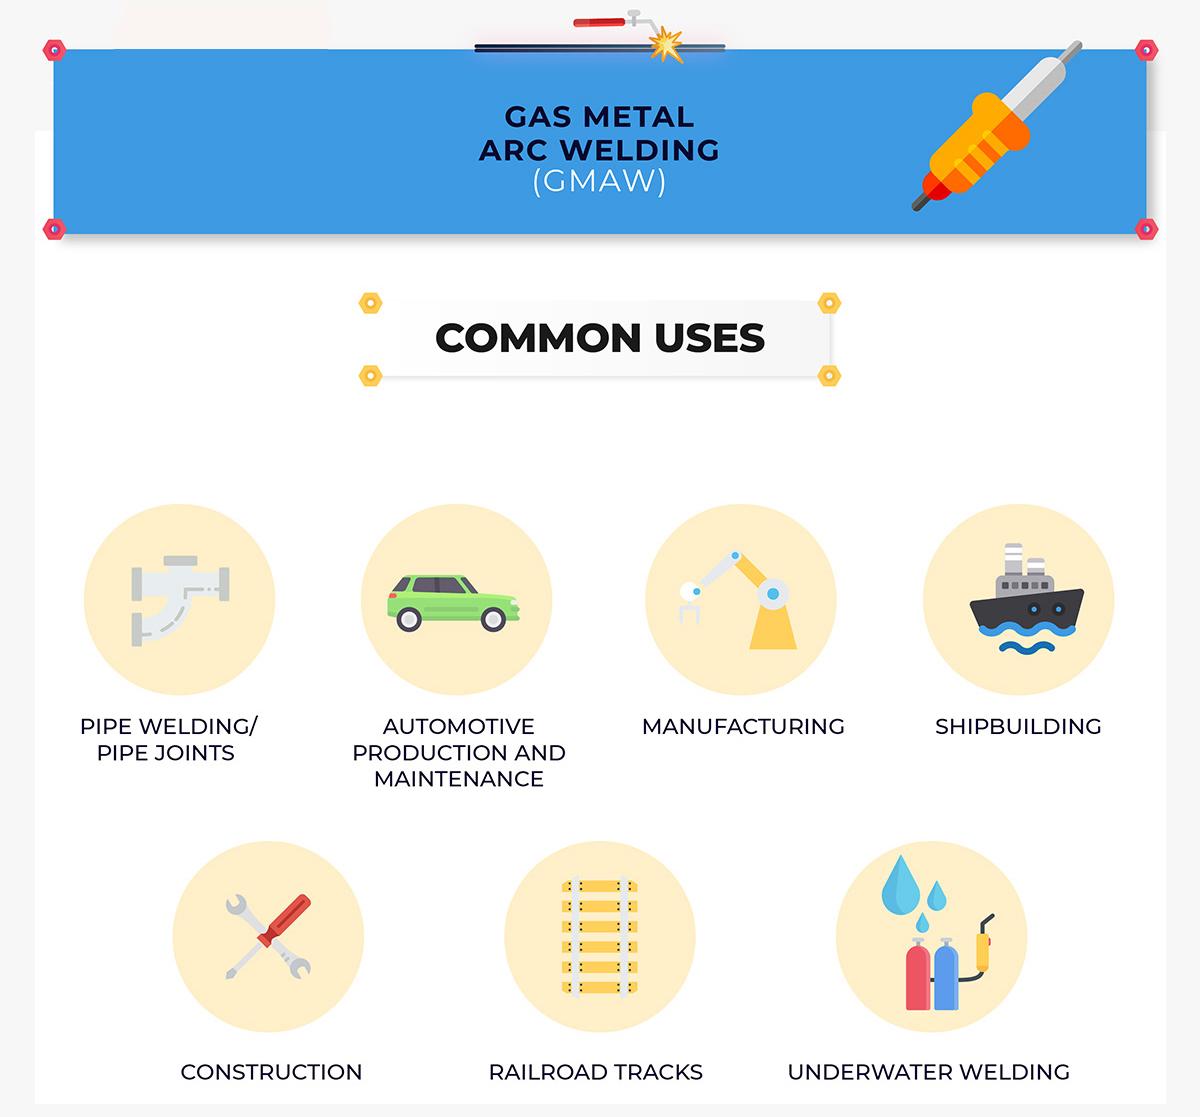 GMAW common uses